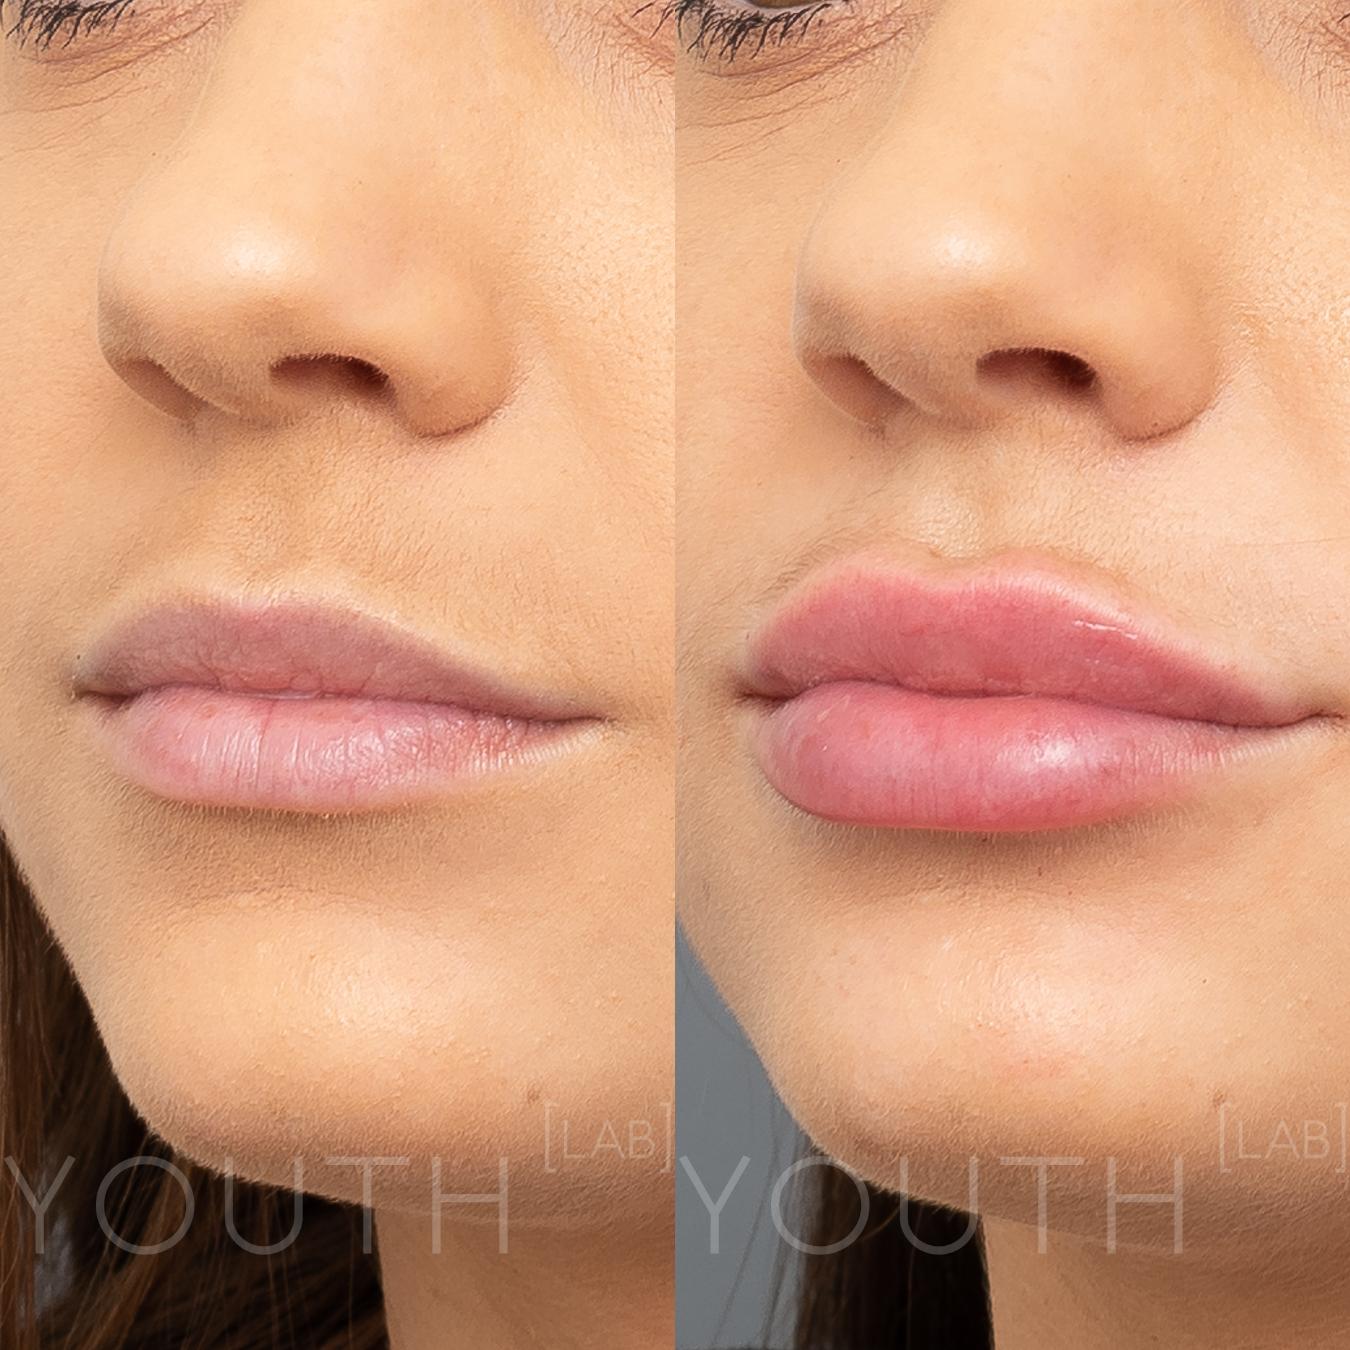 VA YL - lips B&A 3.jpg5